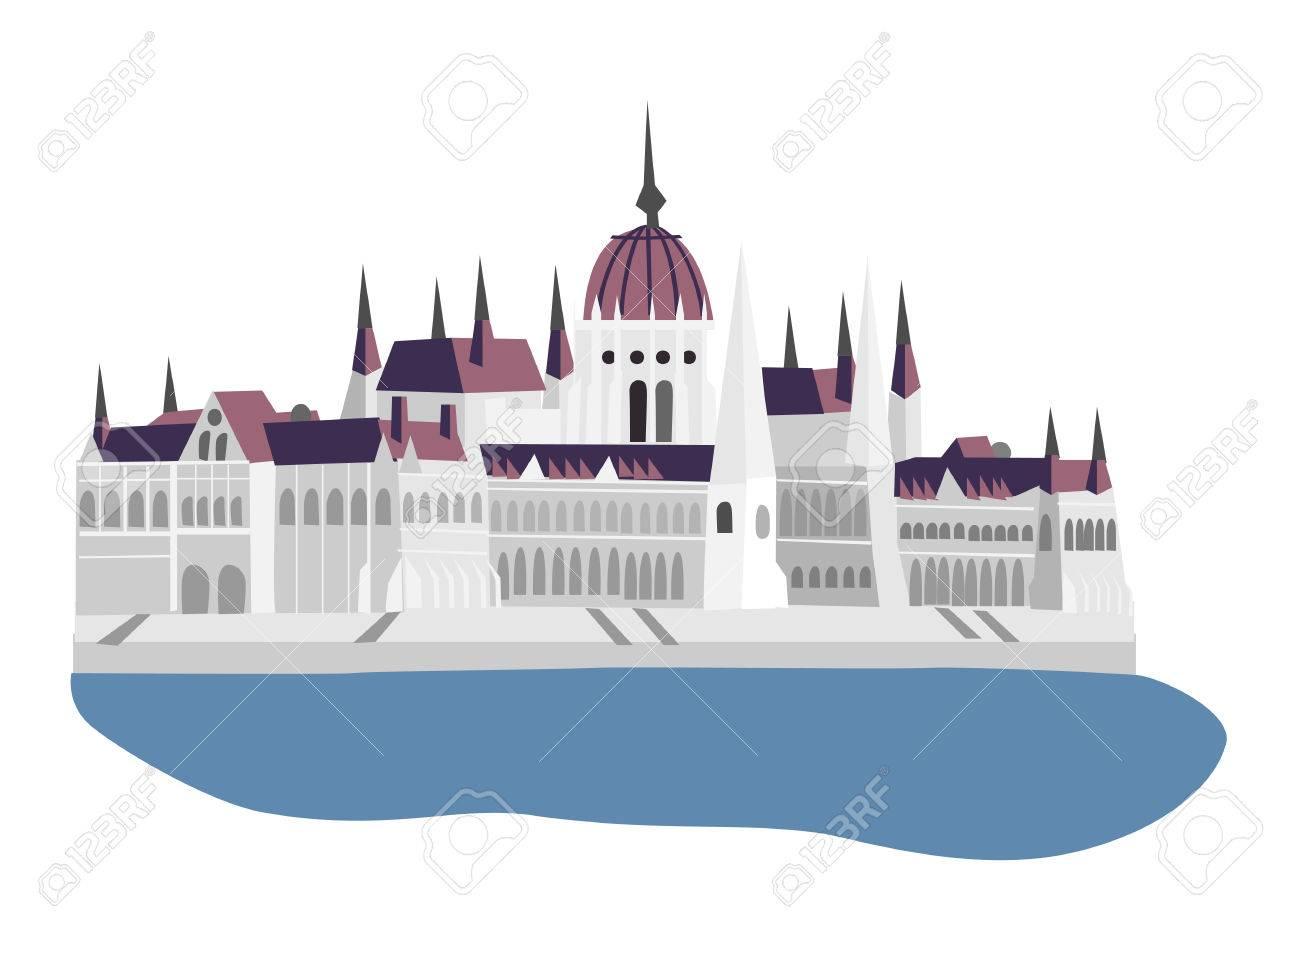 ハンガリー、ブダペスト、ベクトル イラストの議会 ロイヤリティフリー